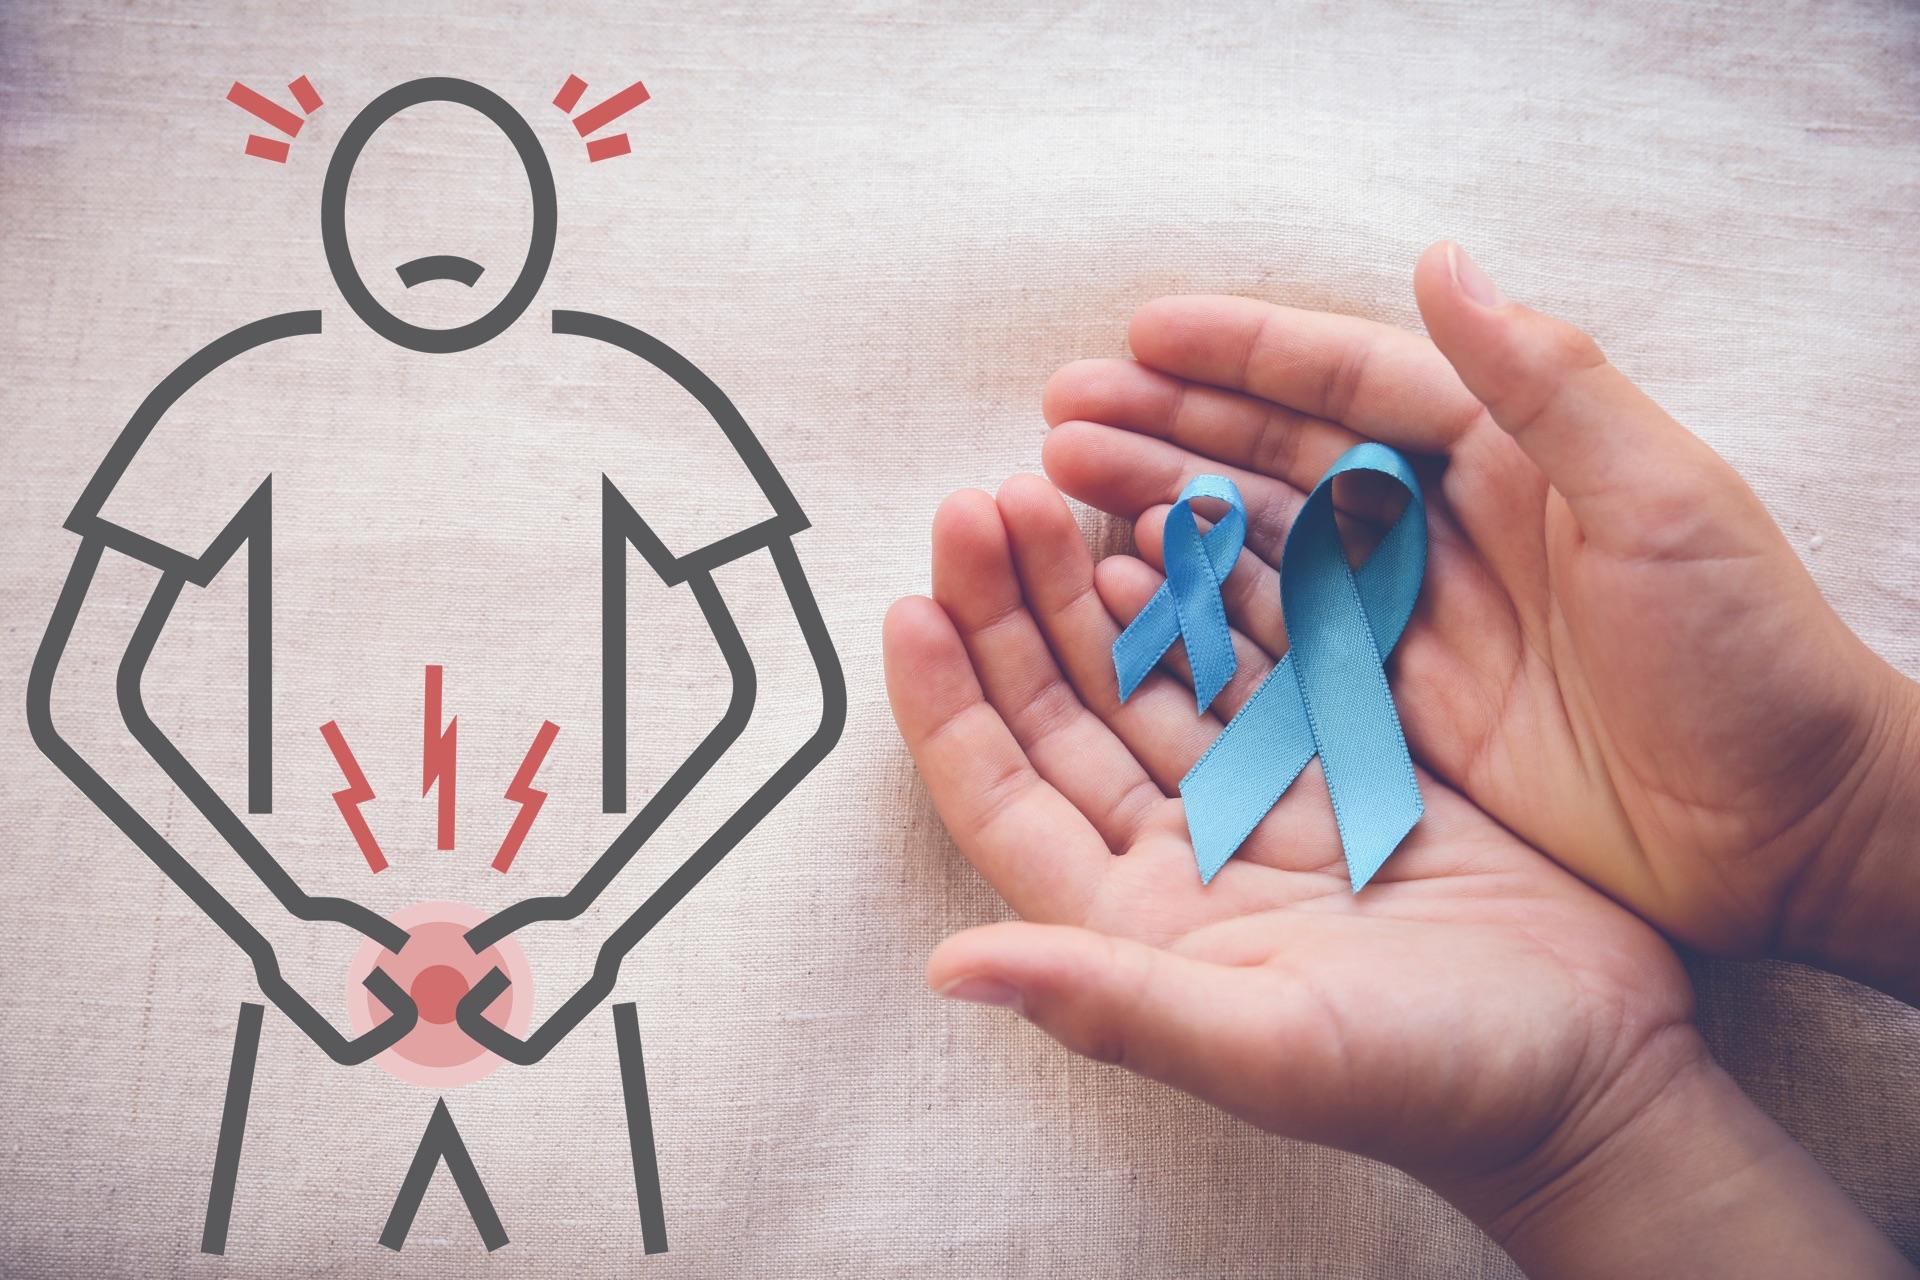 HPB (agrandamiento de la próstata)